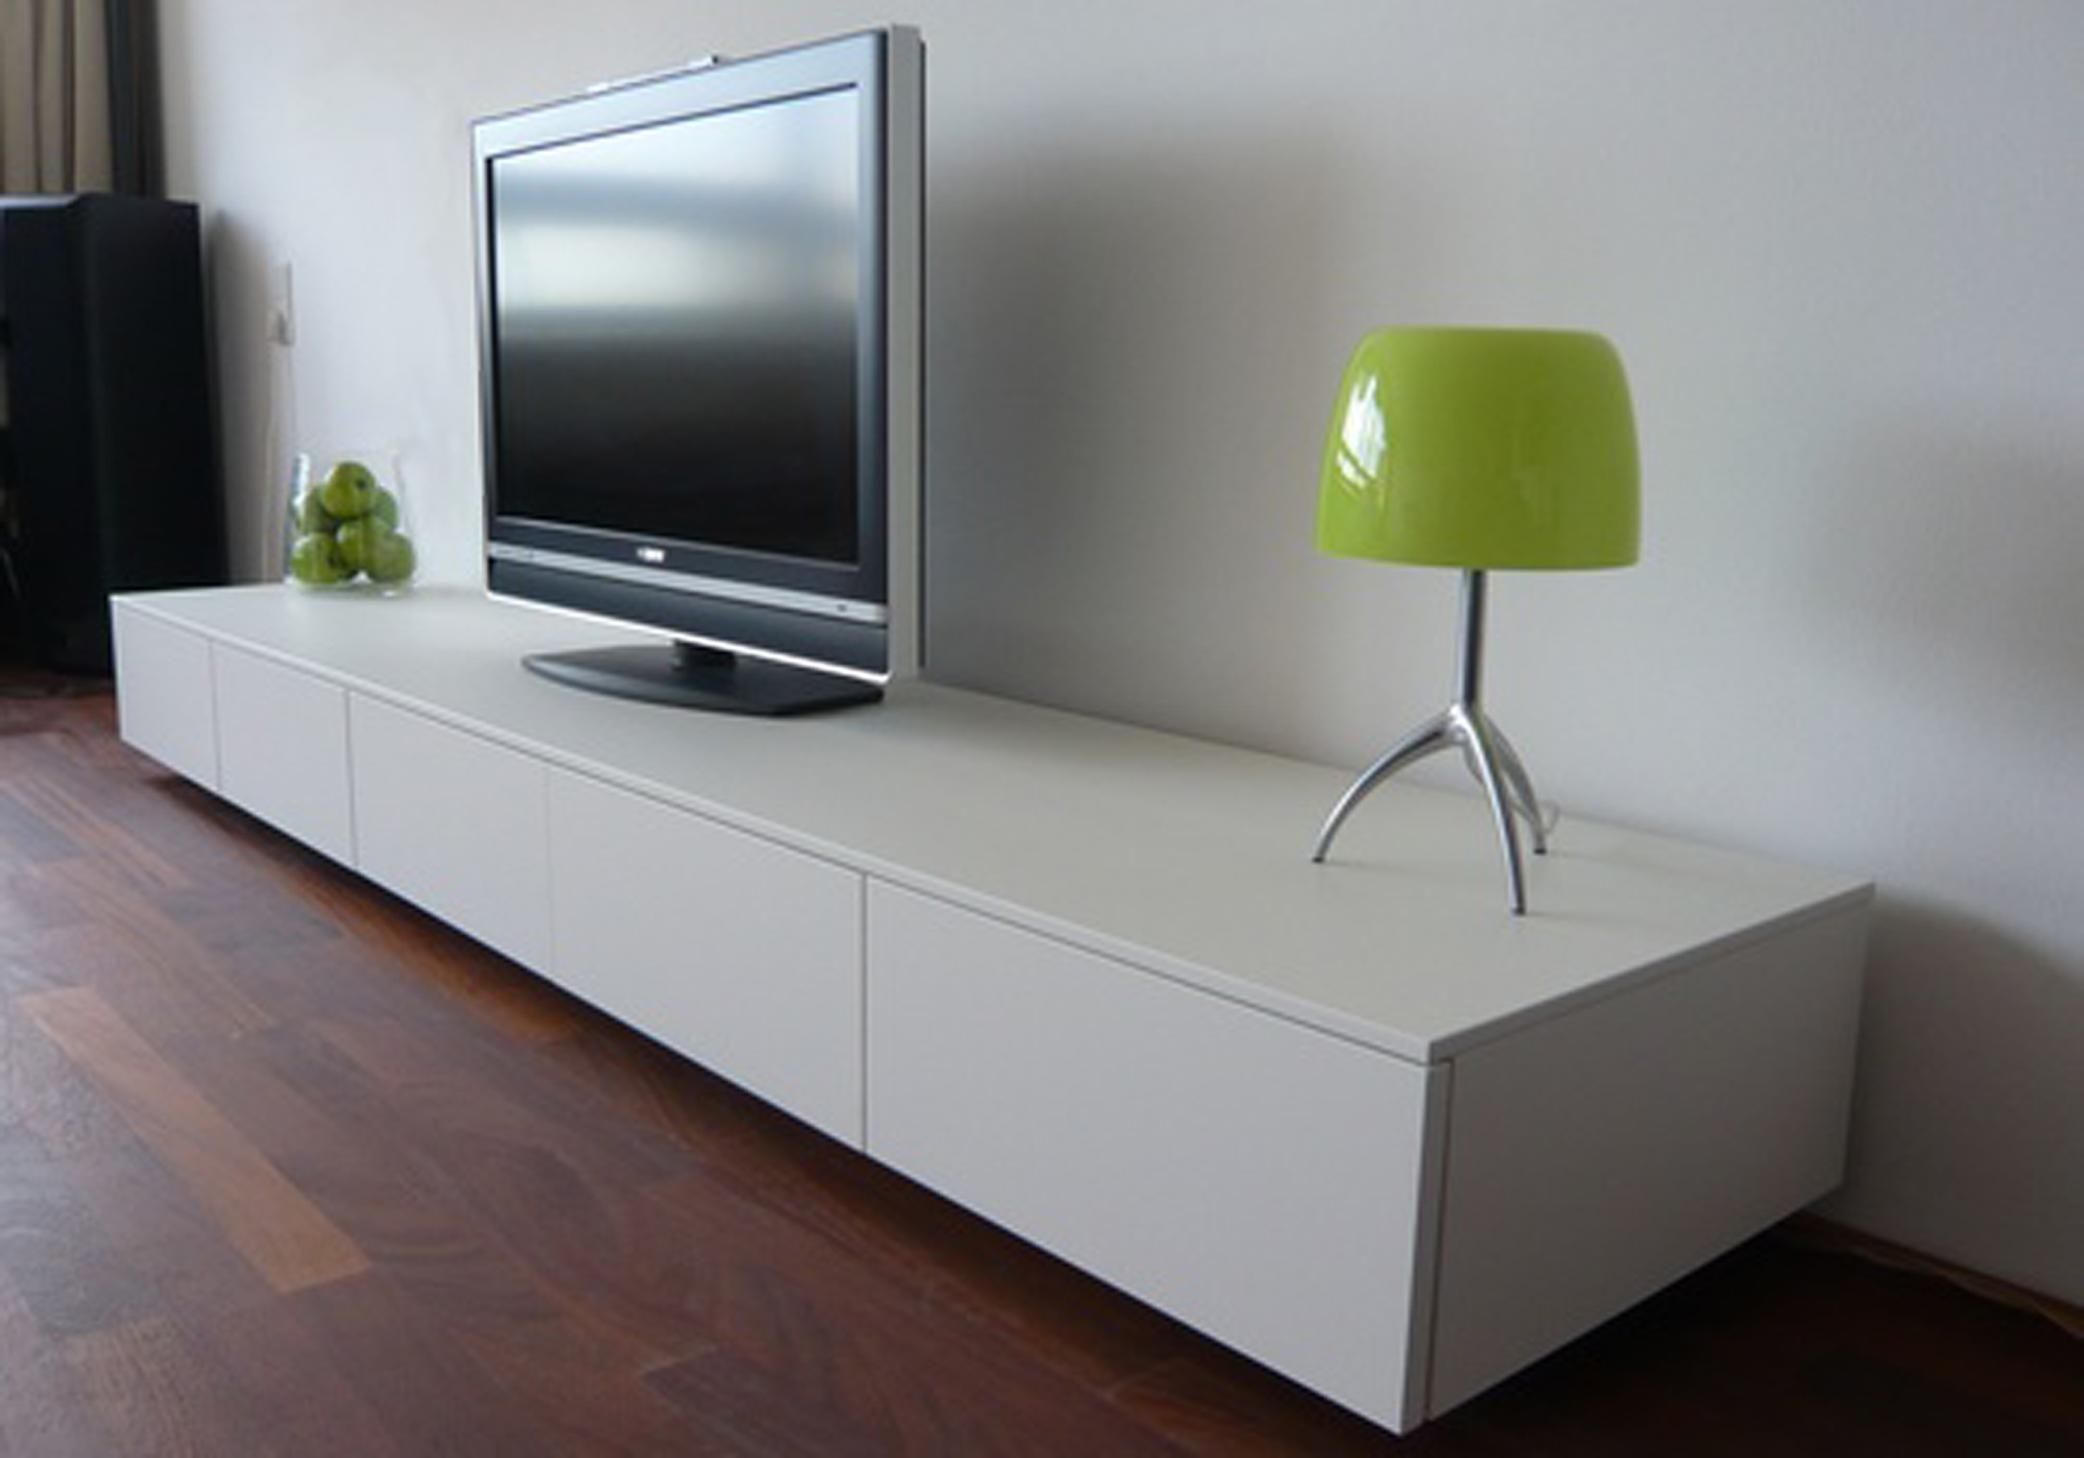 Televisión y ordenador